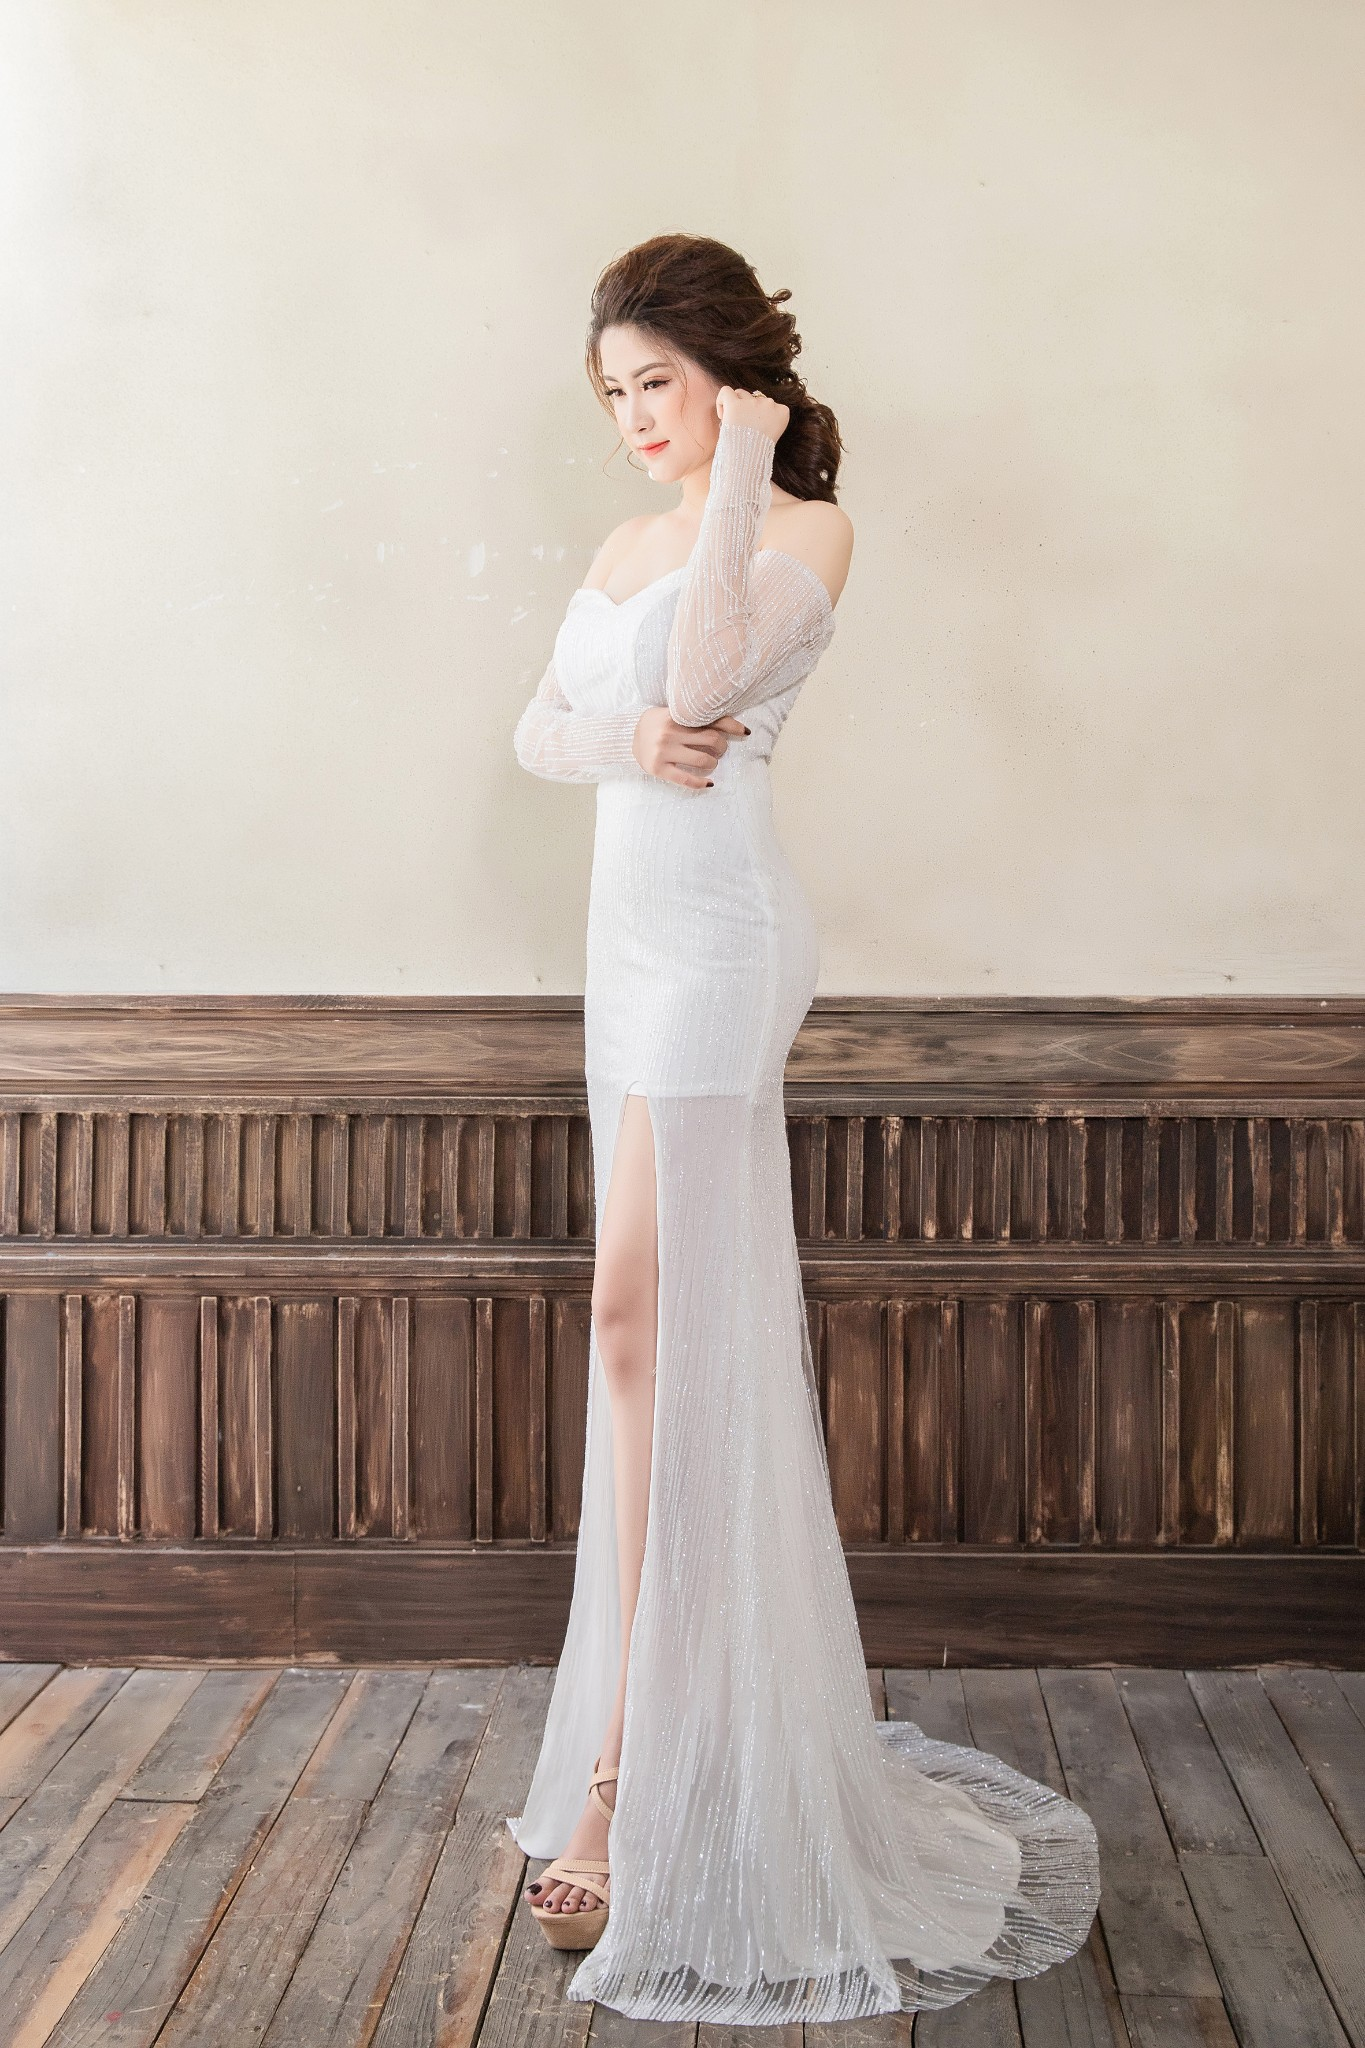 Đầm đuôi cá Mia Selena xẻ tà thiết kế trẻ trung tuyệt đẹp  (Trắng)